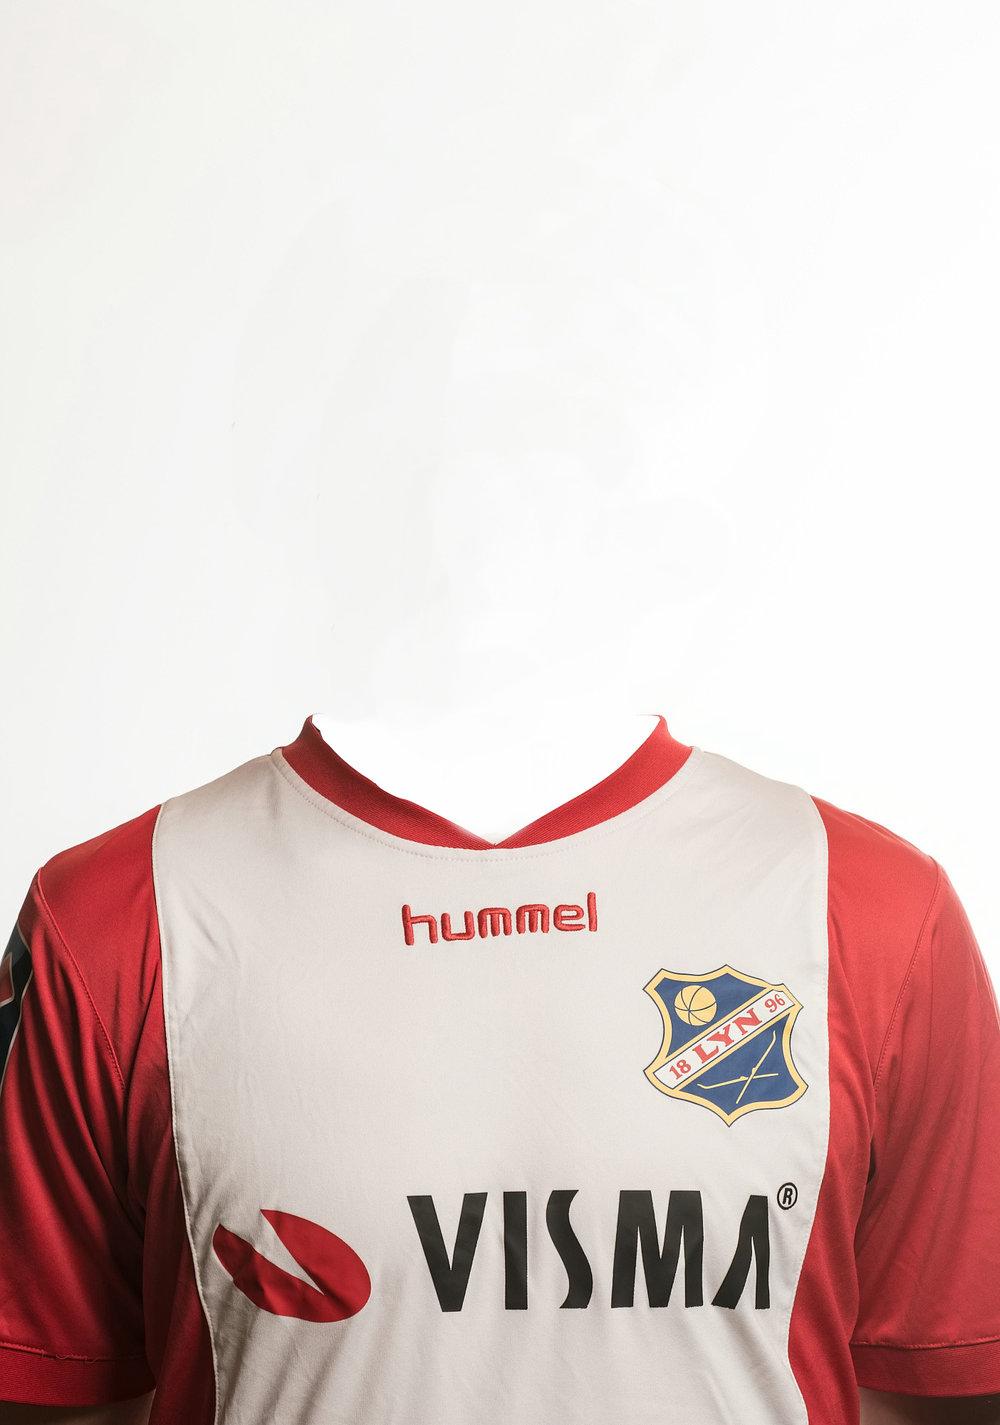 - Bilde kommerTidligere klubber: Drammen FKPosisjon: ForsvarKom til Lyn: Juni 2017